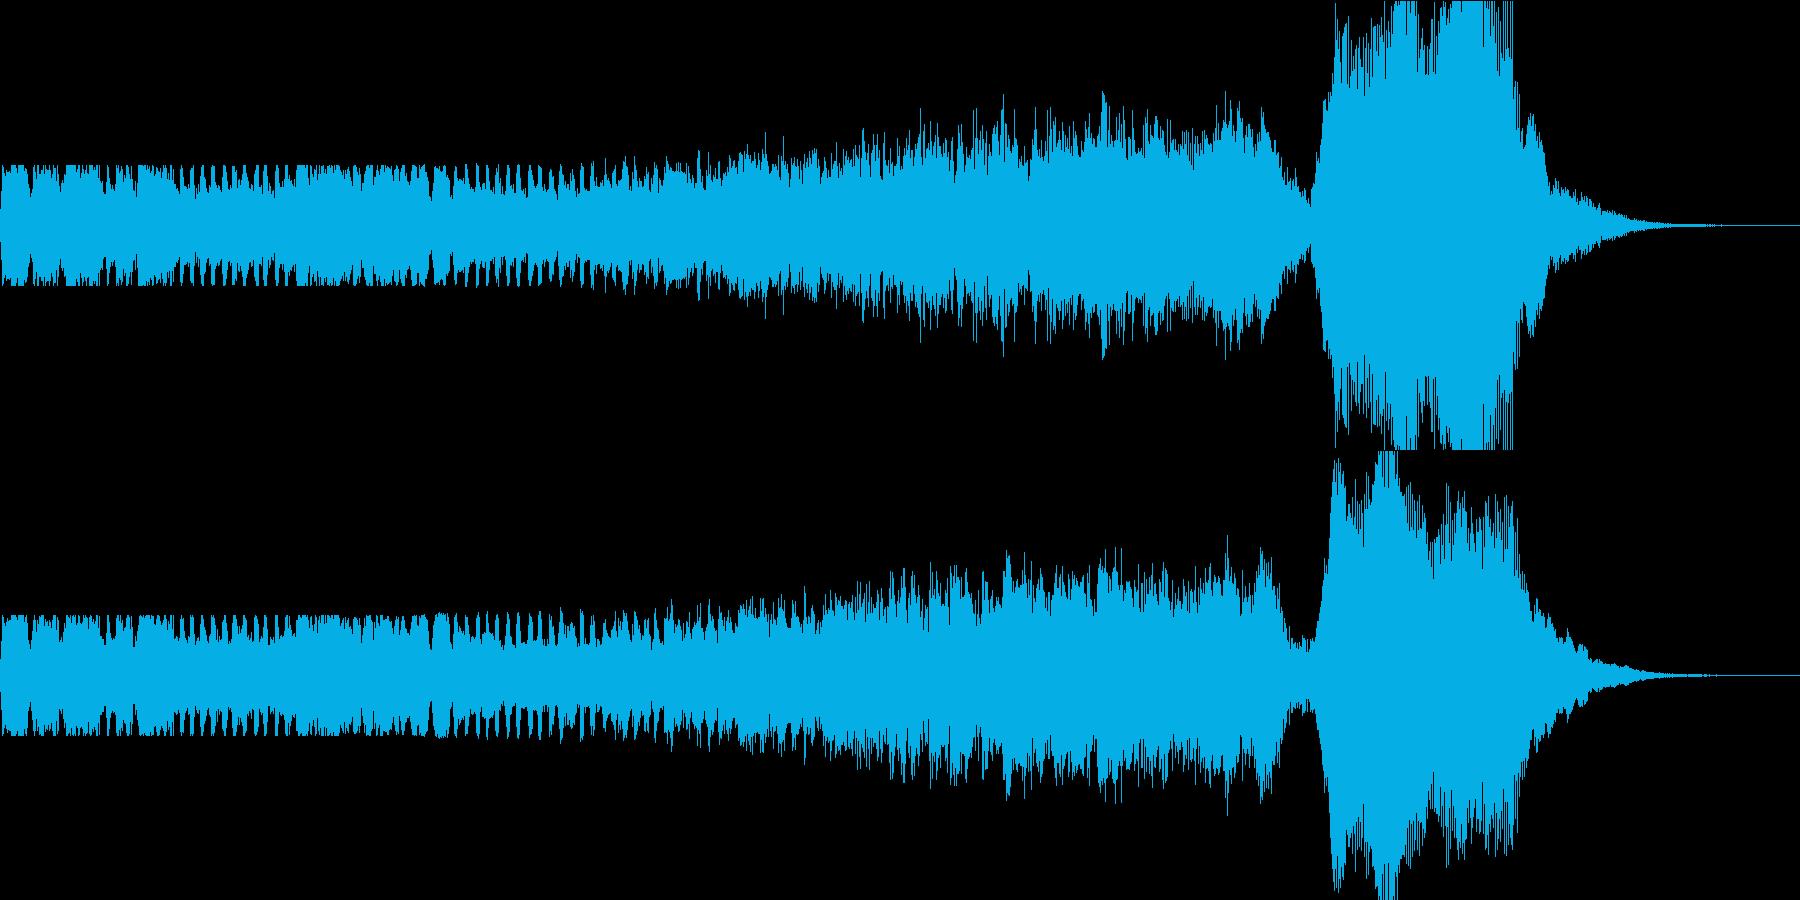 キレの良い動画などで使えるBGMですの再生済みの波形